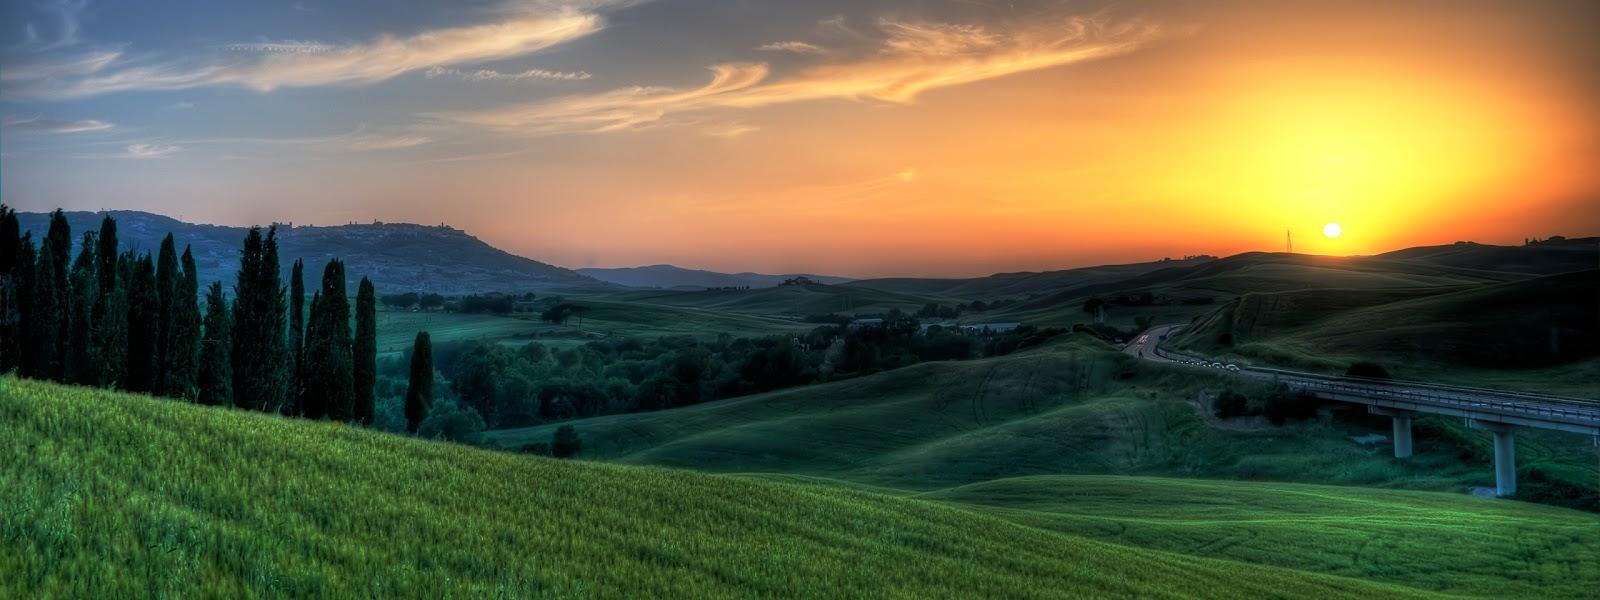 Tarbiah Rohani Pemandangan Yang Cantik